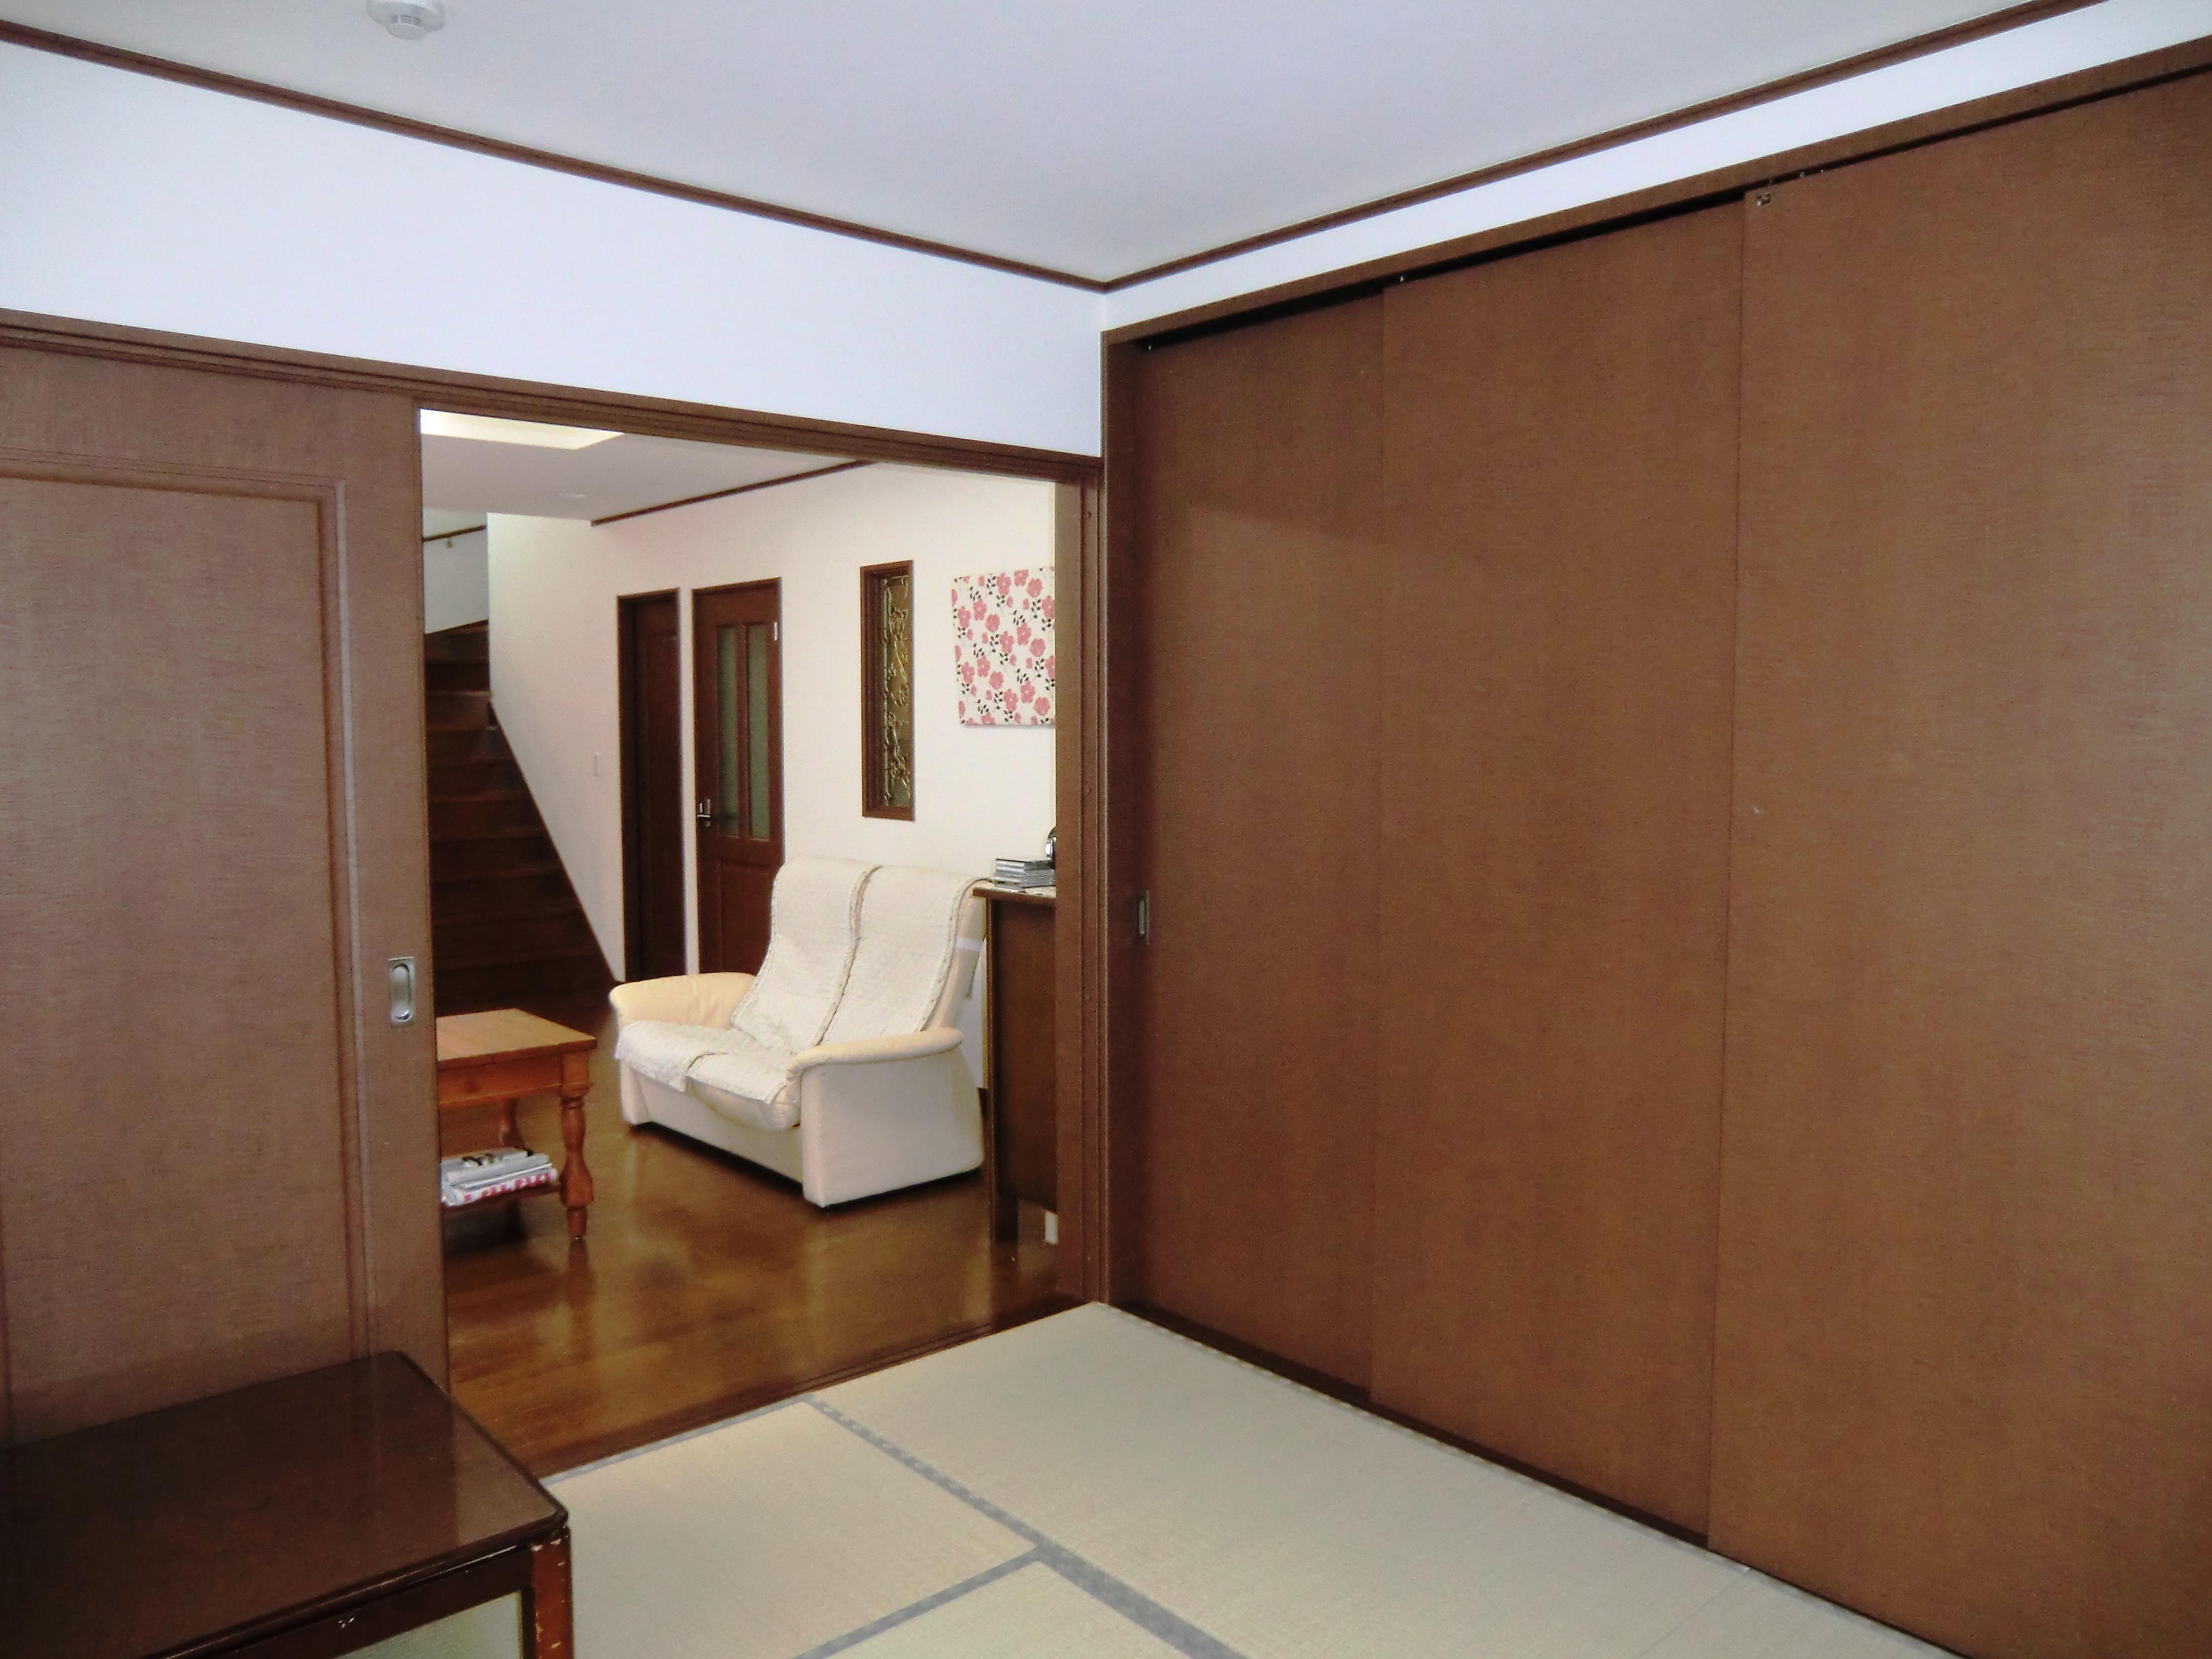 オール電化住宅:千葉県市川市S様邸の写真 和室